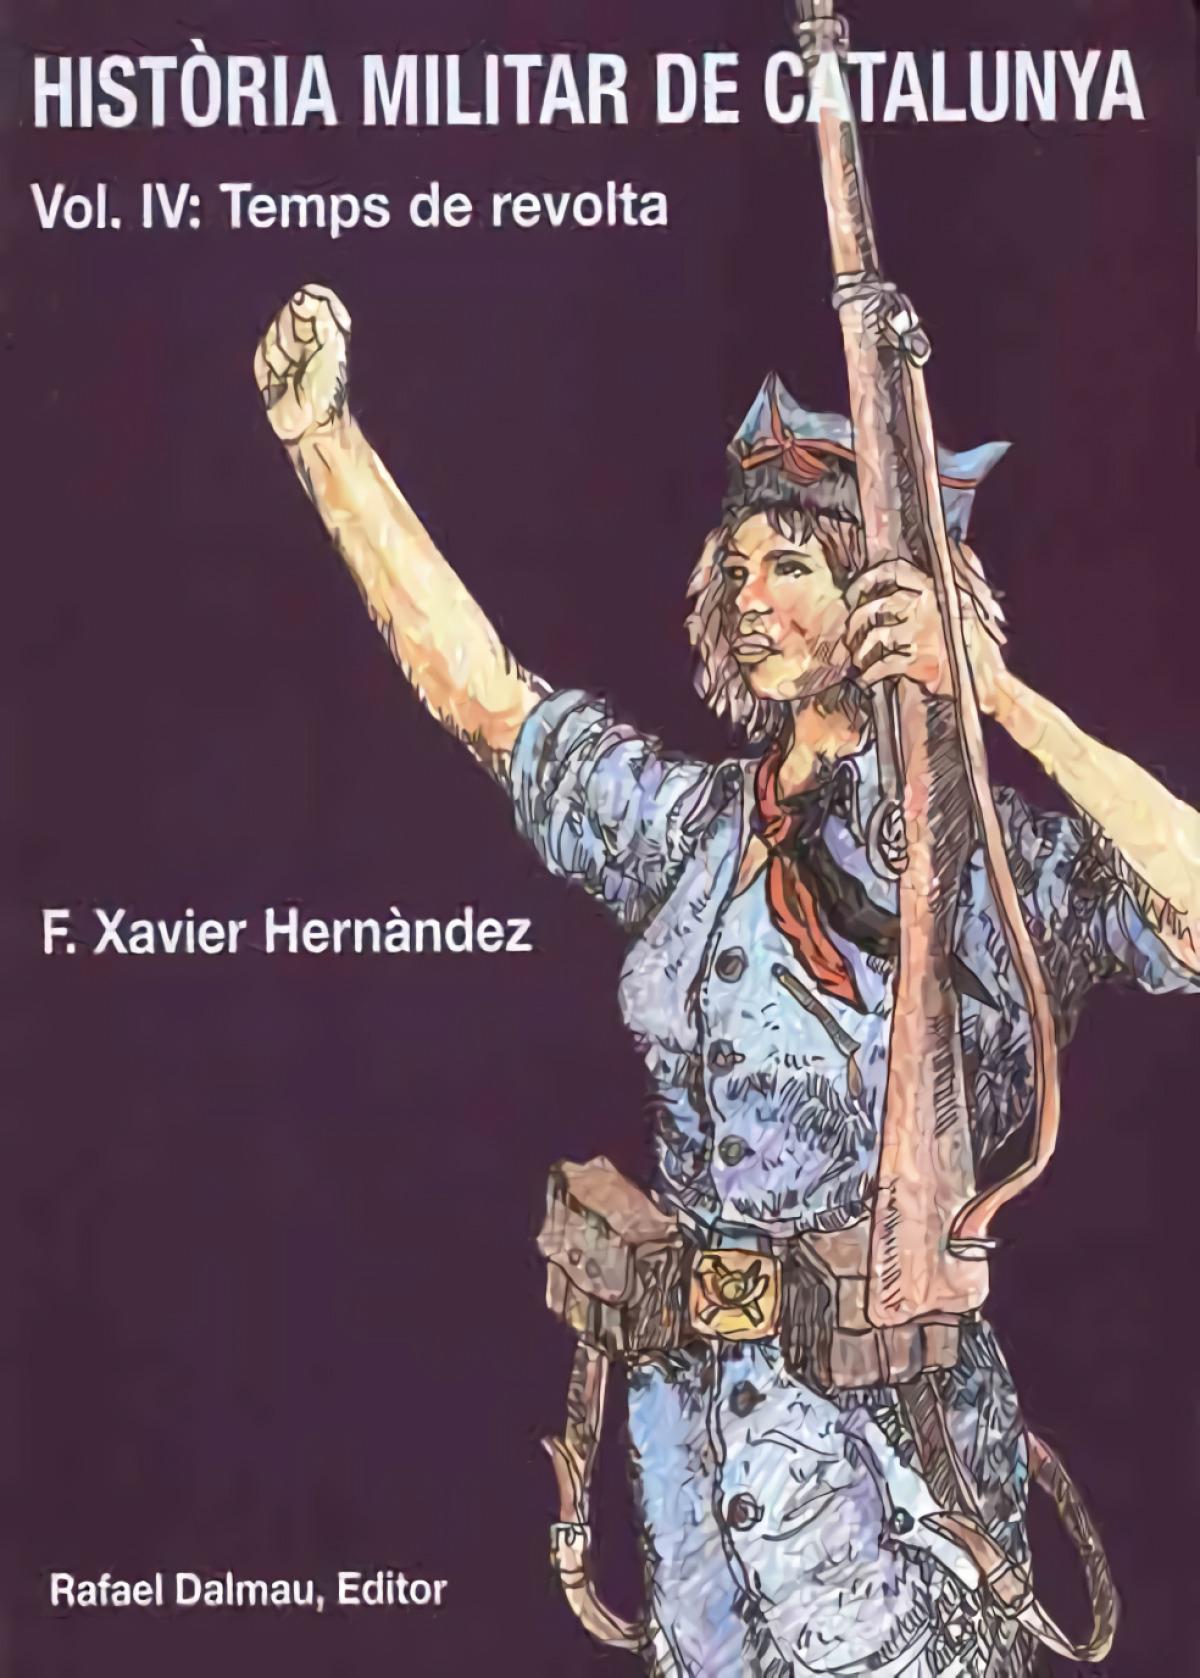 HISTORIA MILITAR DE CATALUNYA, IV. TEMPS DE REVOLTA 9788423206735